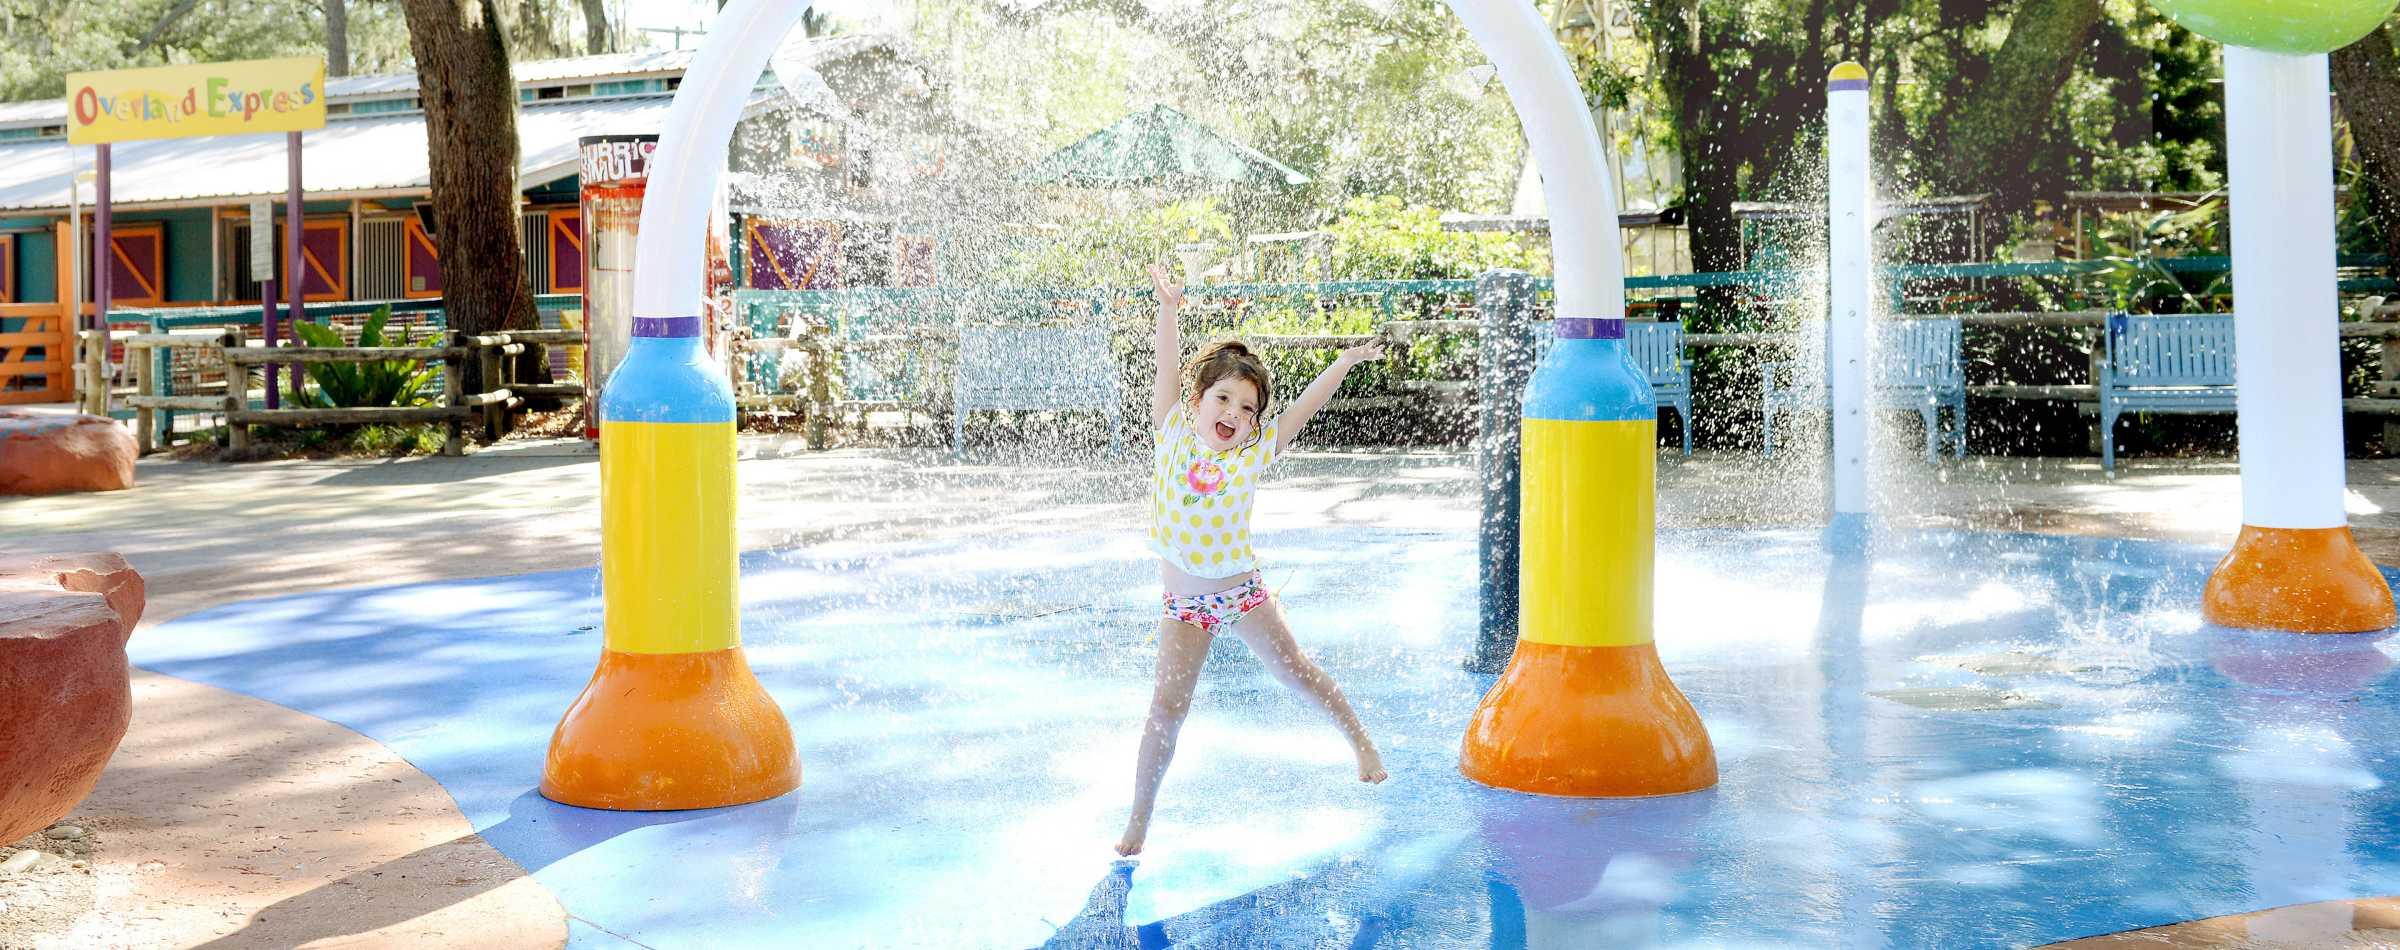 Splash Zone Kids